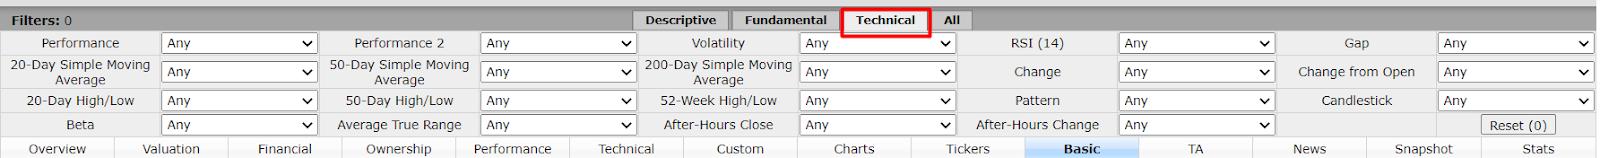 как работать с finviz - технический анализ